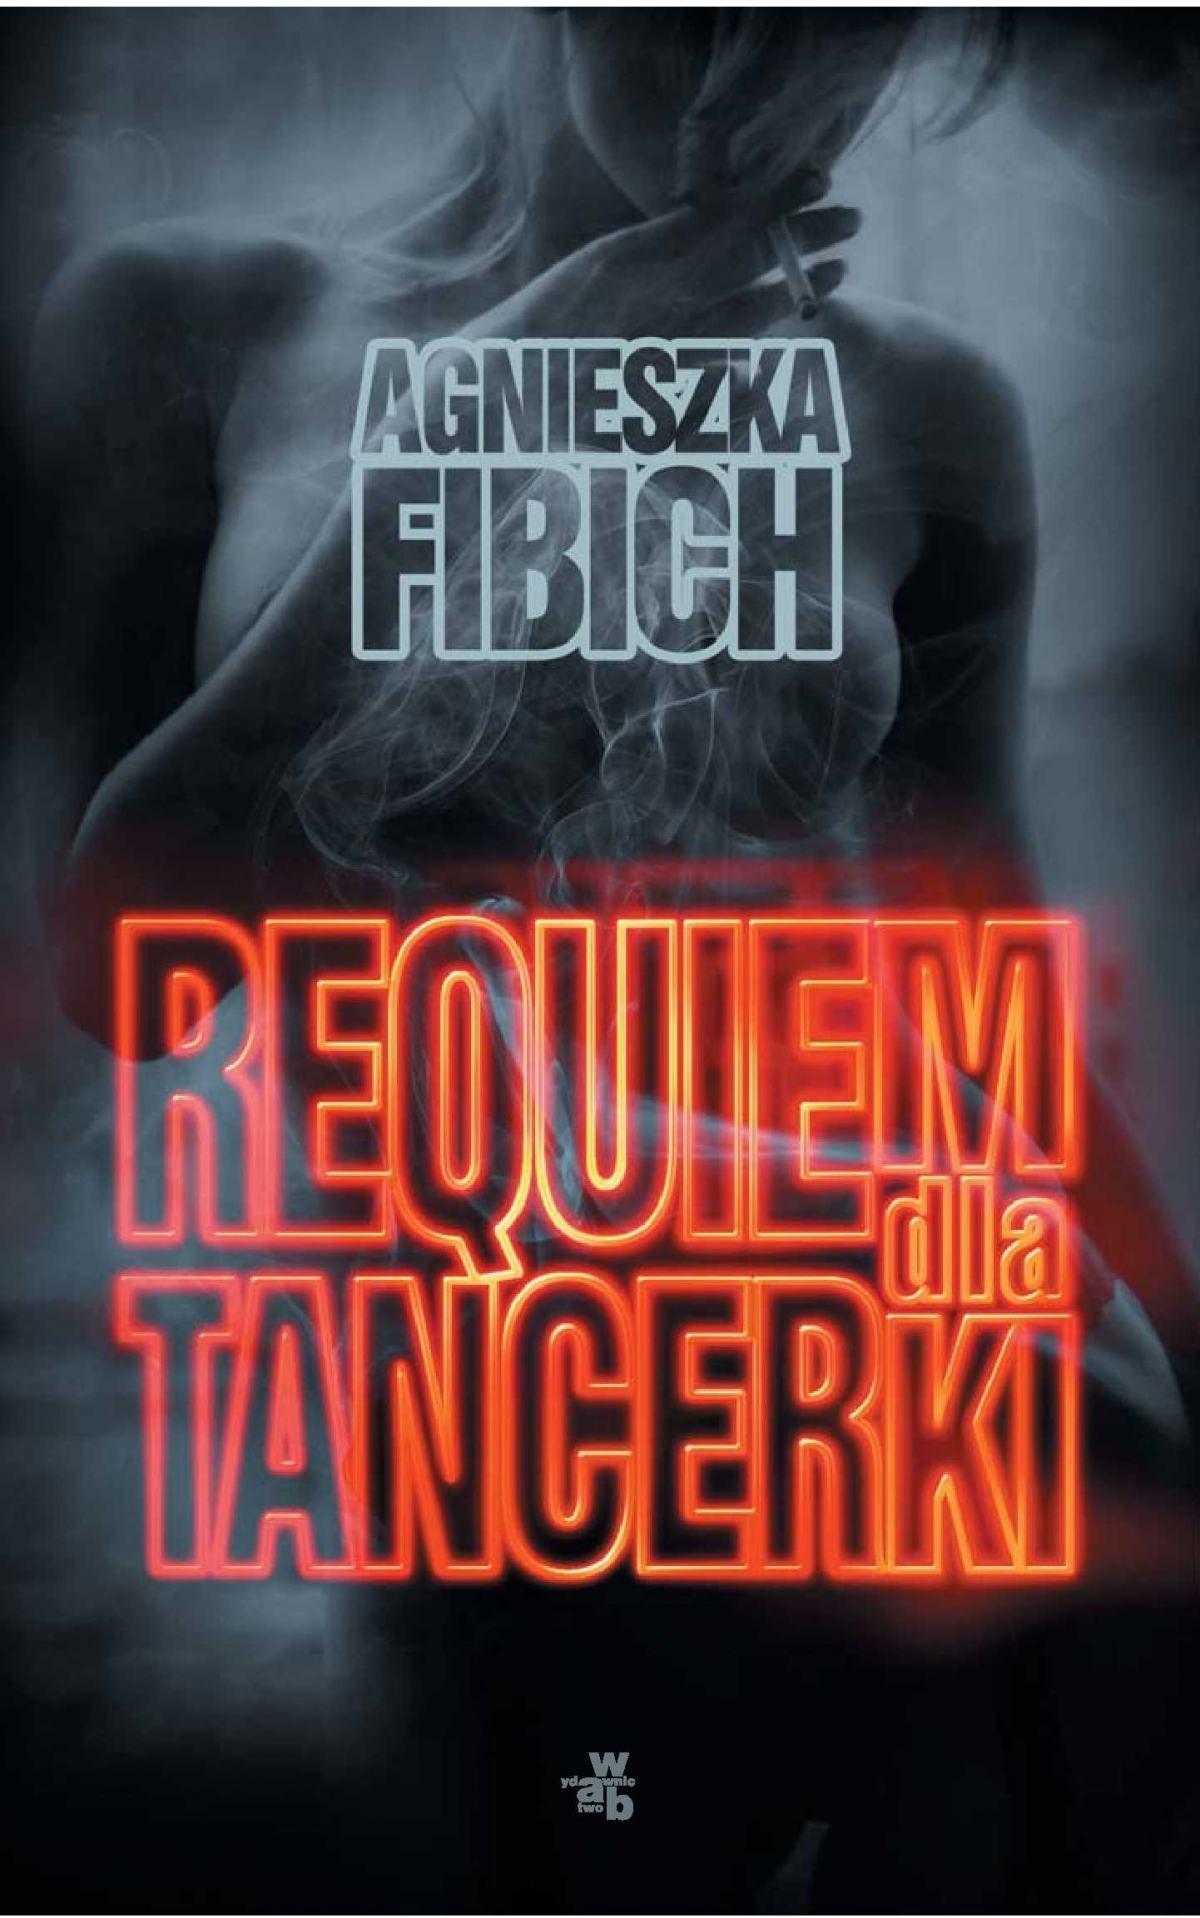 Requiem dla tancerki - Ebook (Książka EPUB) do pobrania w formacie EPUB